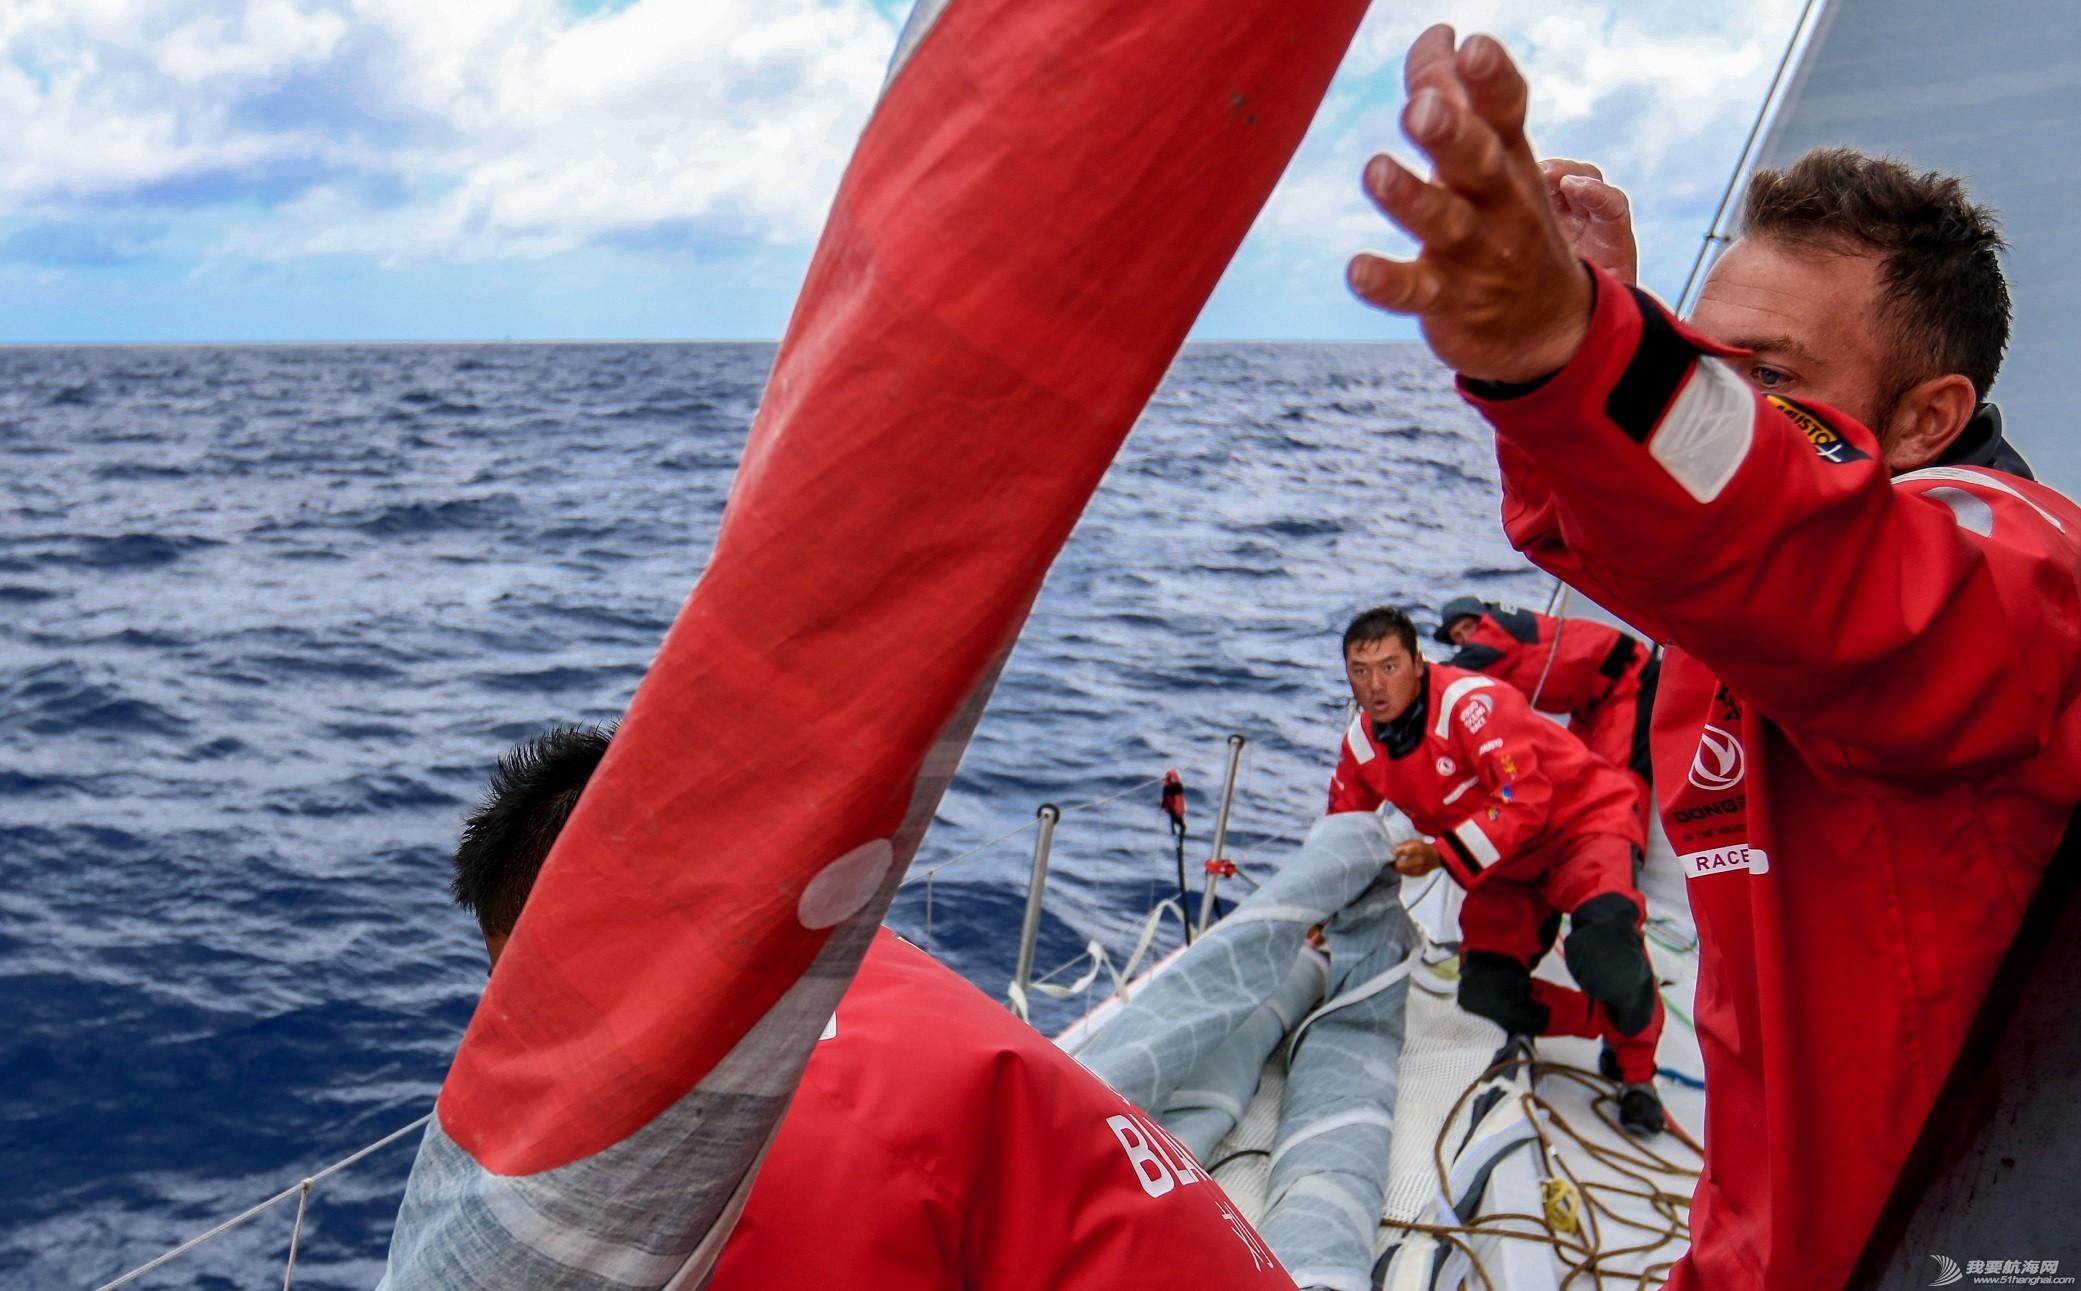 毛里求斯,阿布扎比,沃尔沃,热带低气压,印度洋 热带风暴降级 船队易借风航行